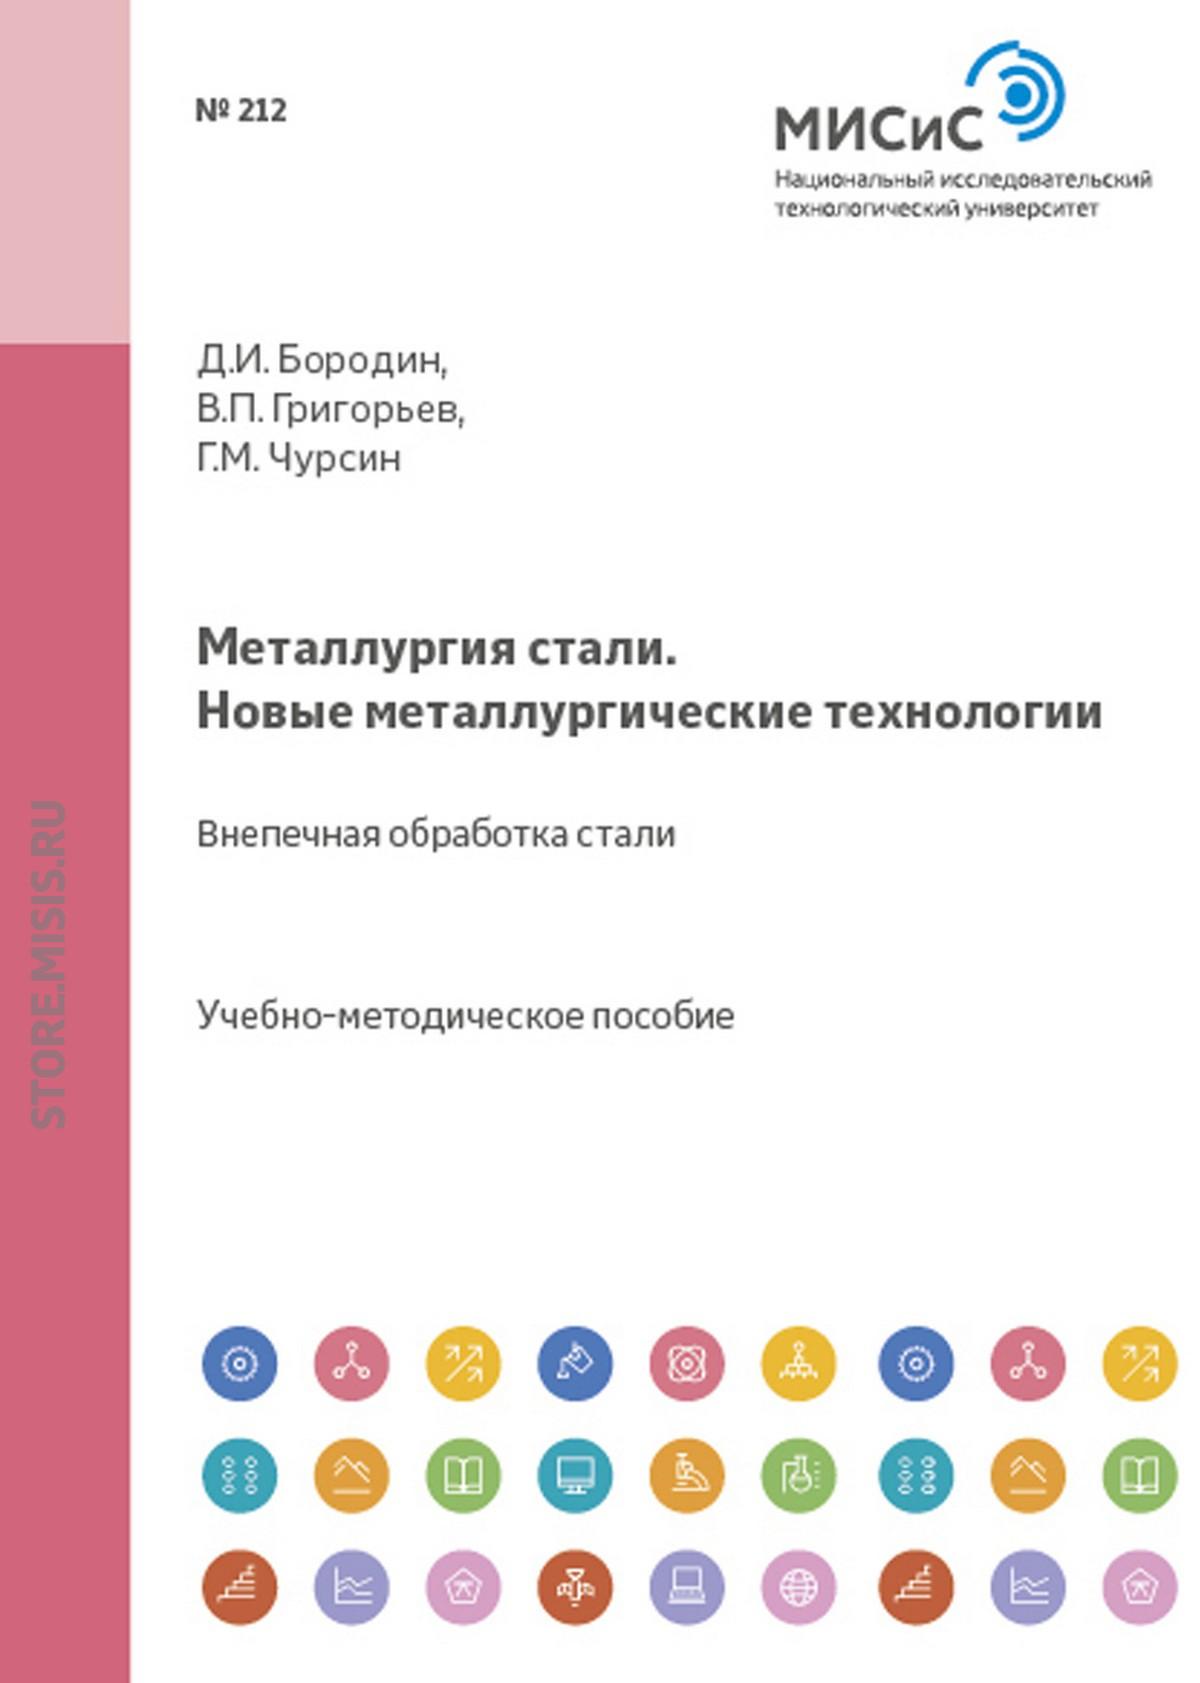 Геннадий Чурсин Металлургия стали. Новые металлургические технологии. Внепечная обработка стали